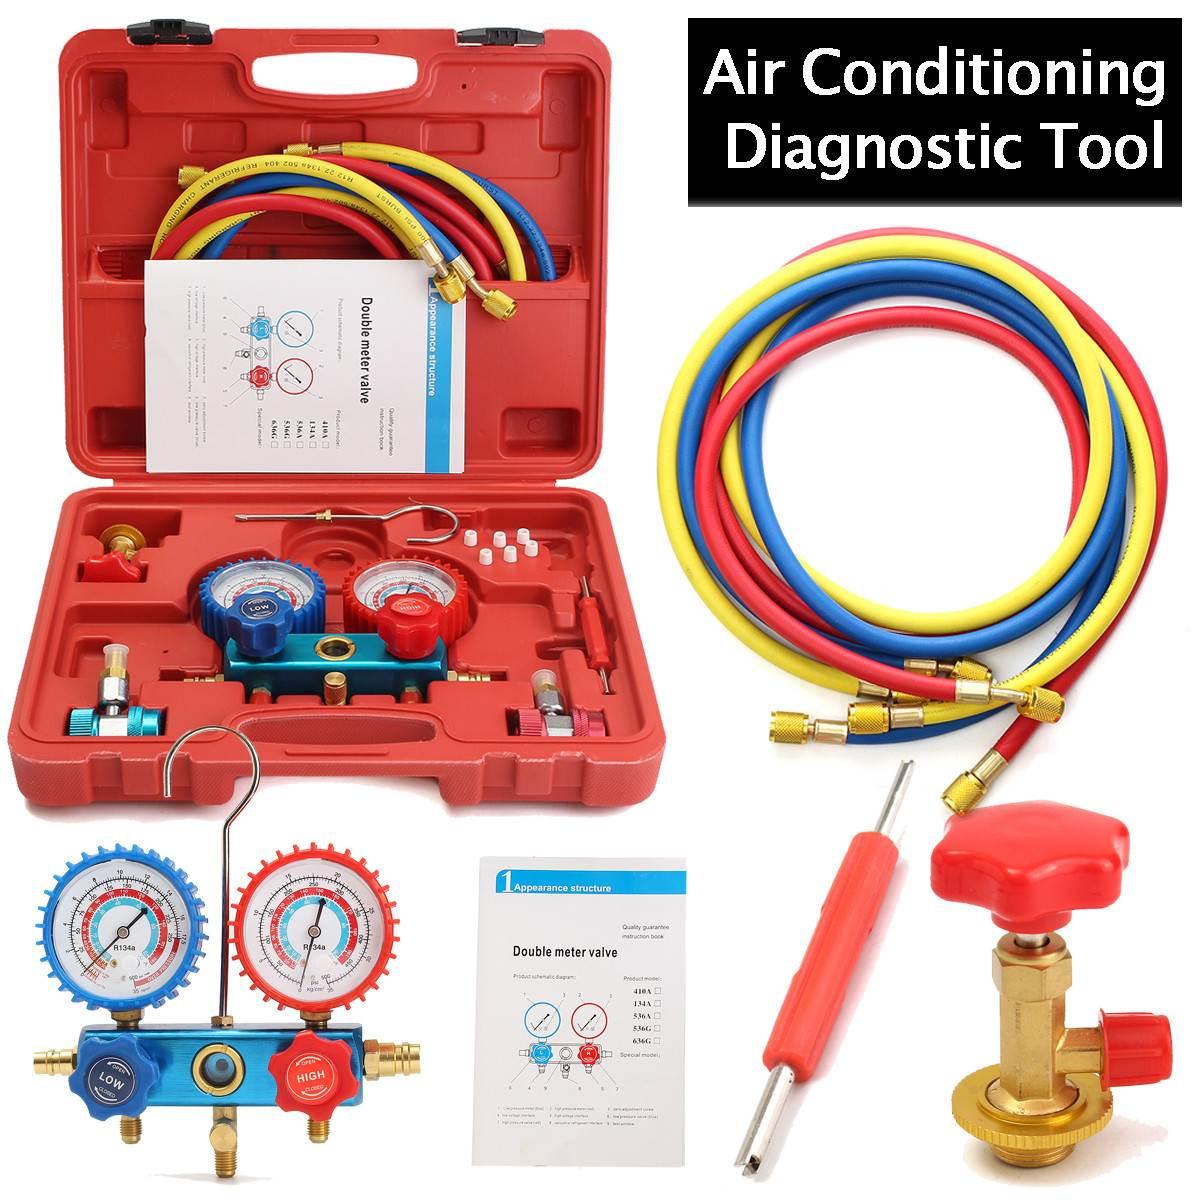 Carro Ar Condicionado HVAC R134A A/C Kit De Refrigeração AC Manifold Calibre Set Kit de Serviço de Auto Reparo Flúor de Enchimento ferramenta